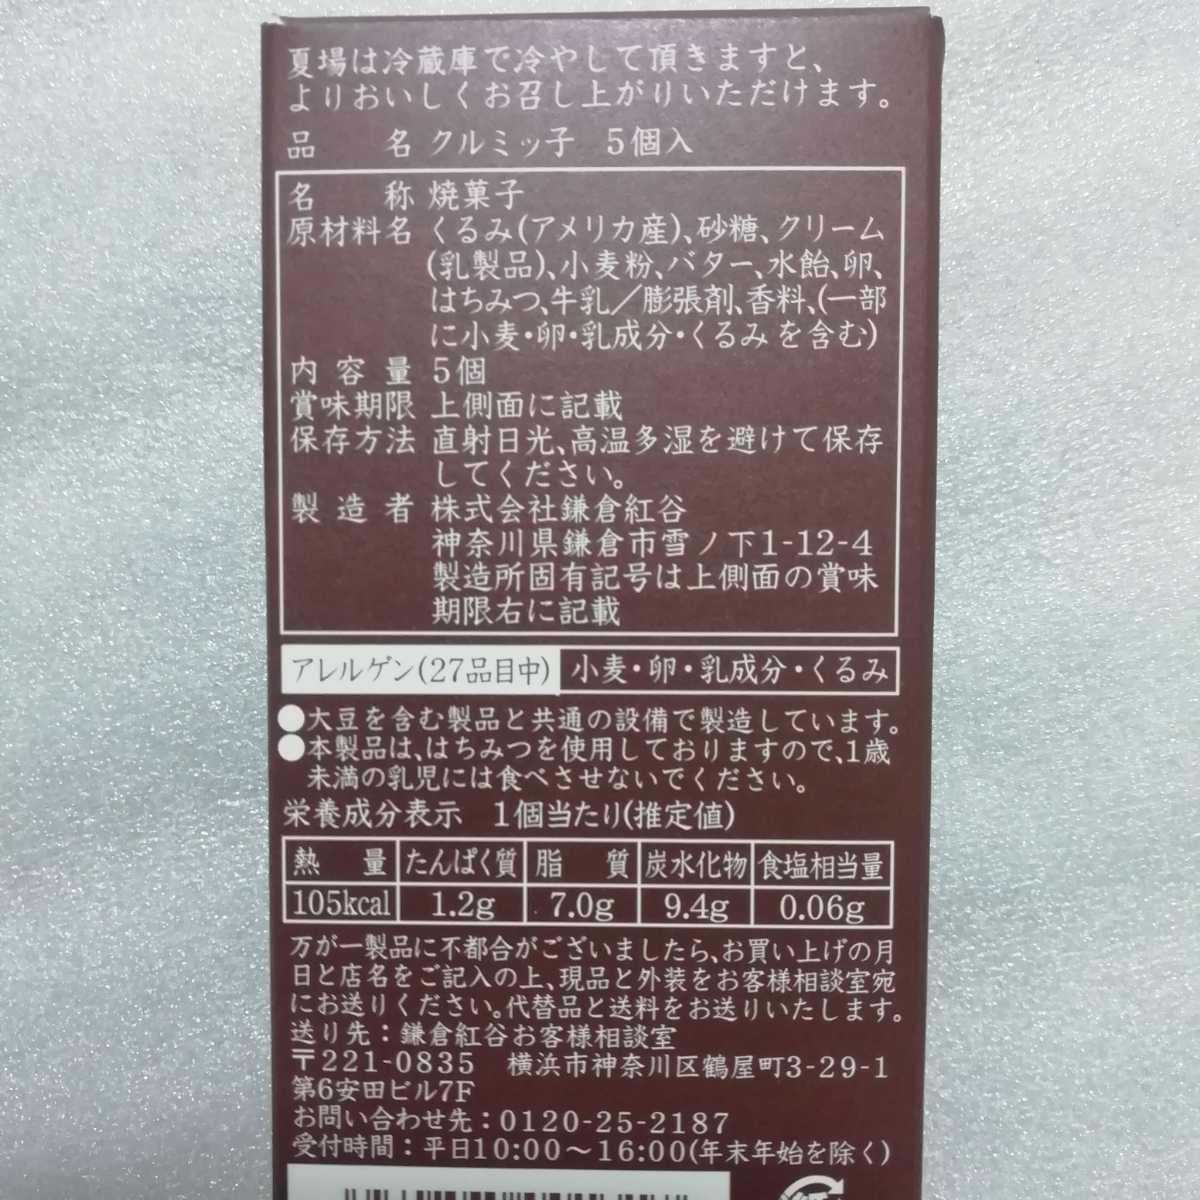 クルミッ子 バターバトラー ガレット お菓子 詰め合わせ 送料無料_画像3